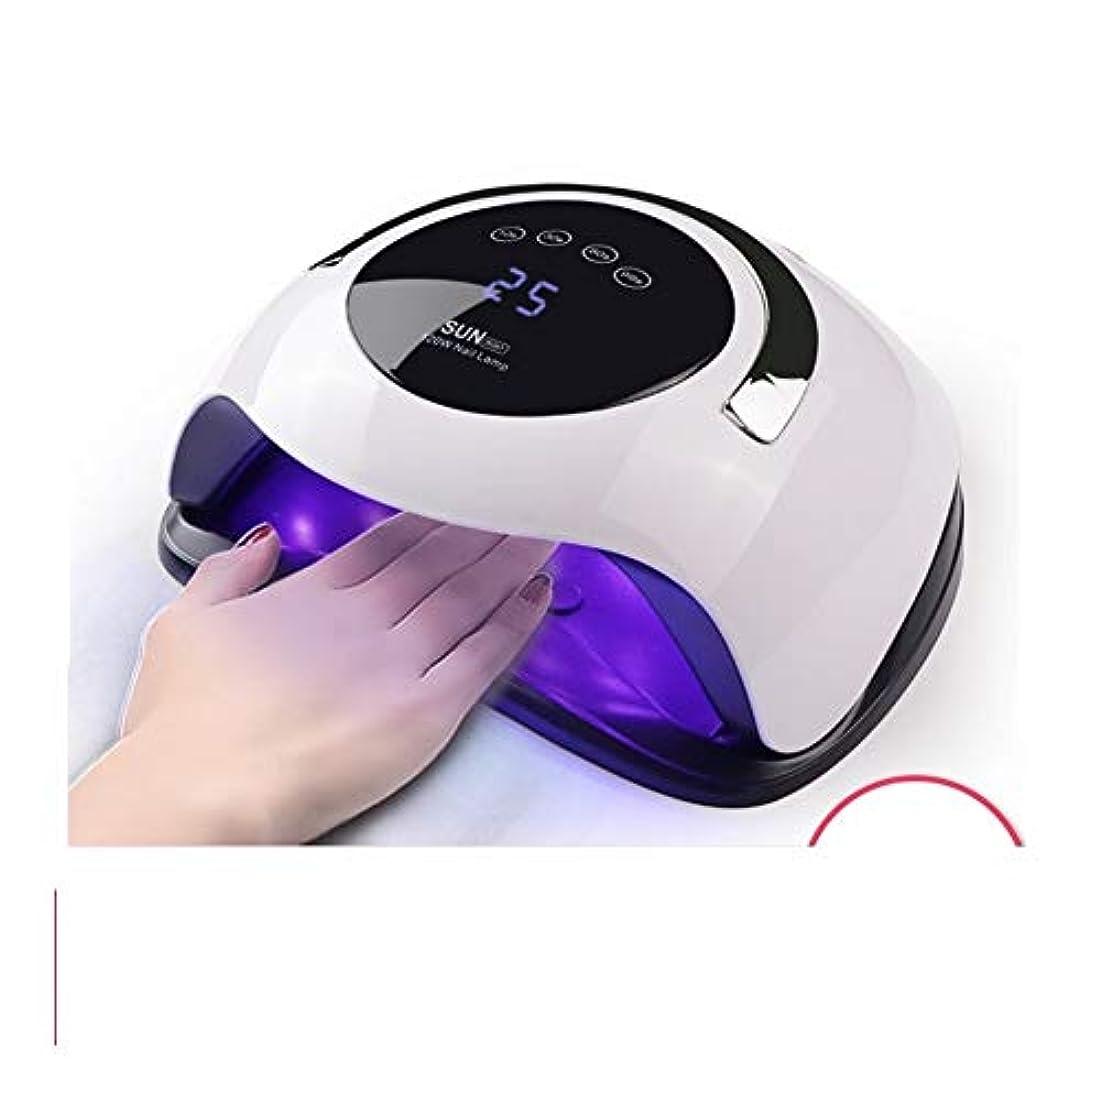 傾向がありますたくさんうつLittleCat 120Wライトセラピー機ドライヤーBQ5Tスマートセンサプラスチックネイルポリッシュ光線療法ライト光線療法ライトローストツール (色 : American standard flat plug)